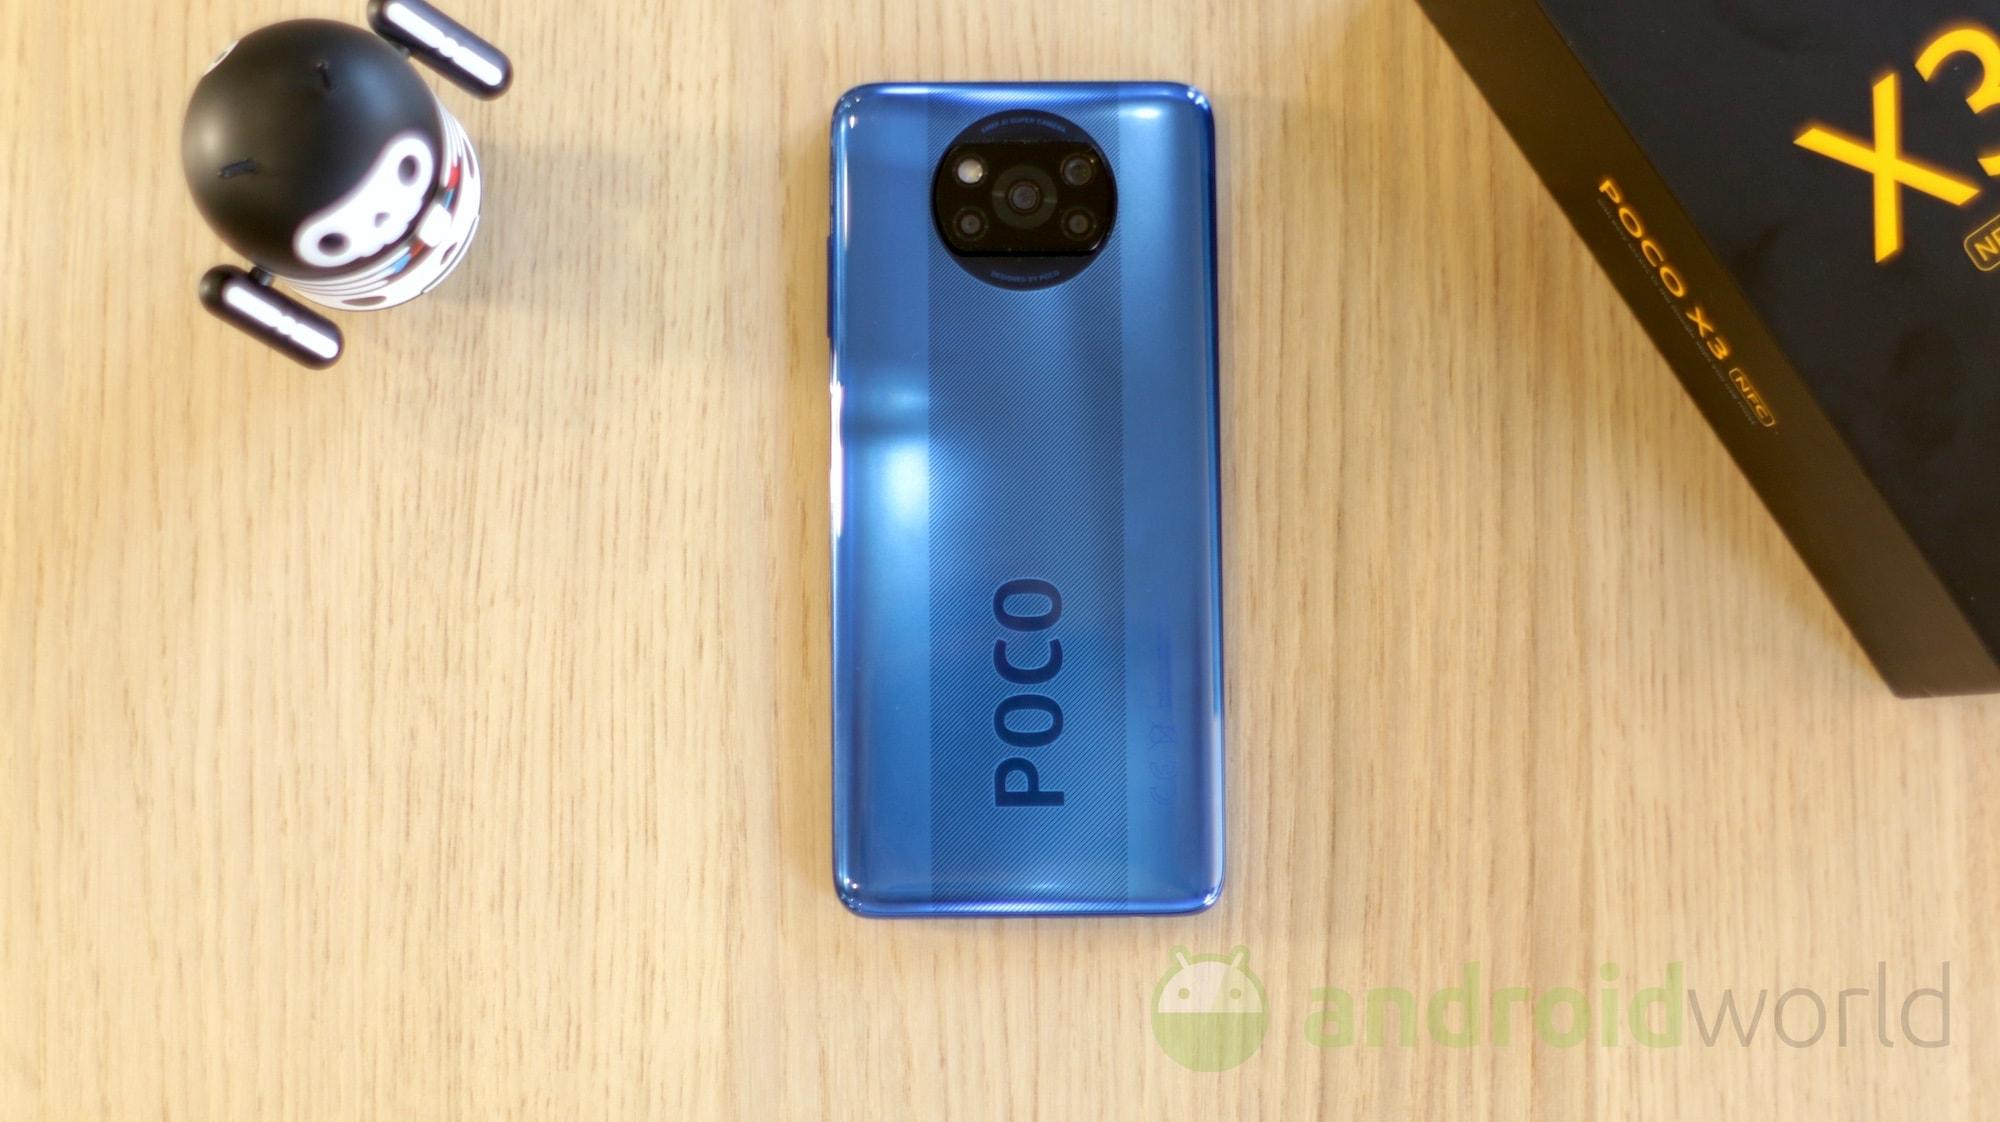 POCO X3 NFC alla prova da DxOMark: in linea con la gamma media (foto)